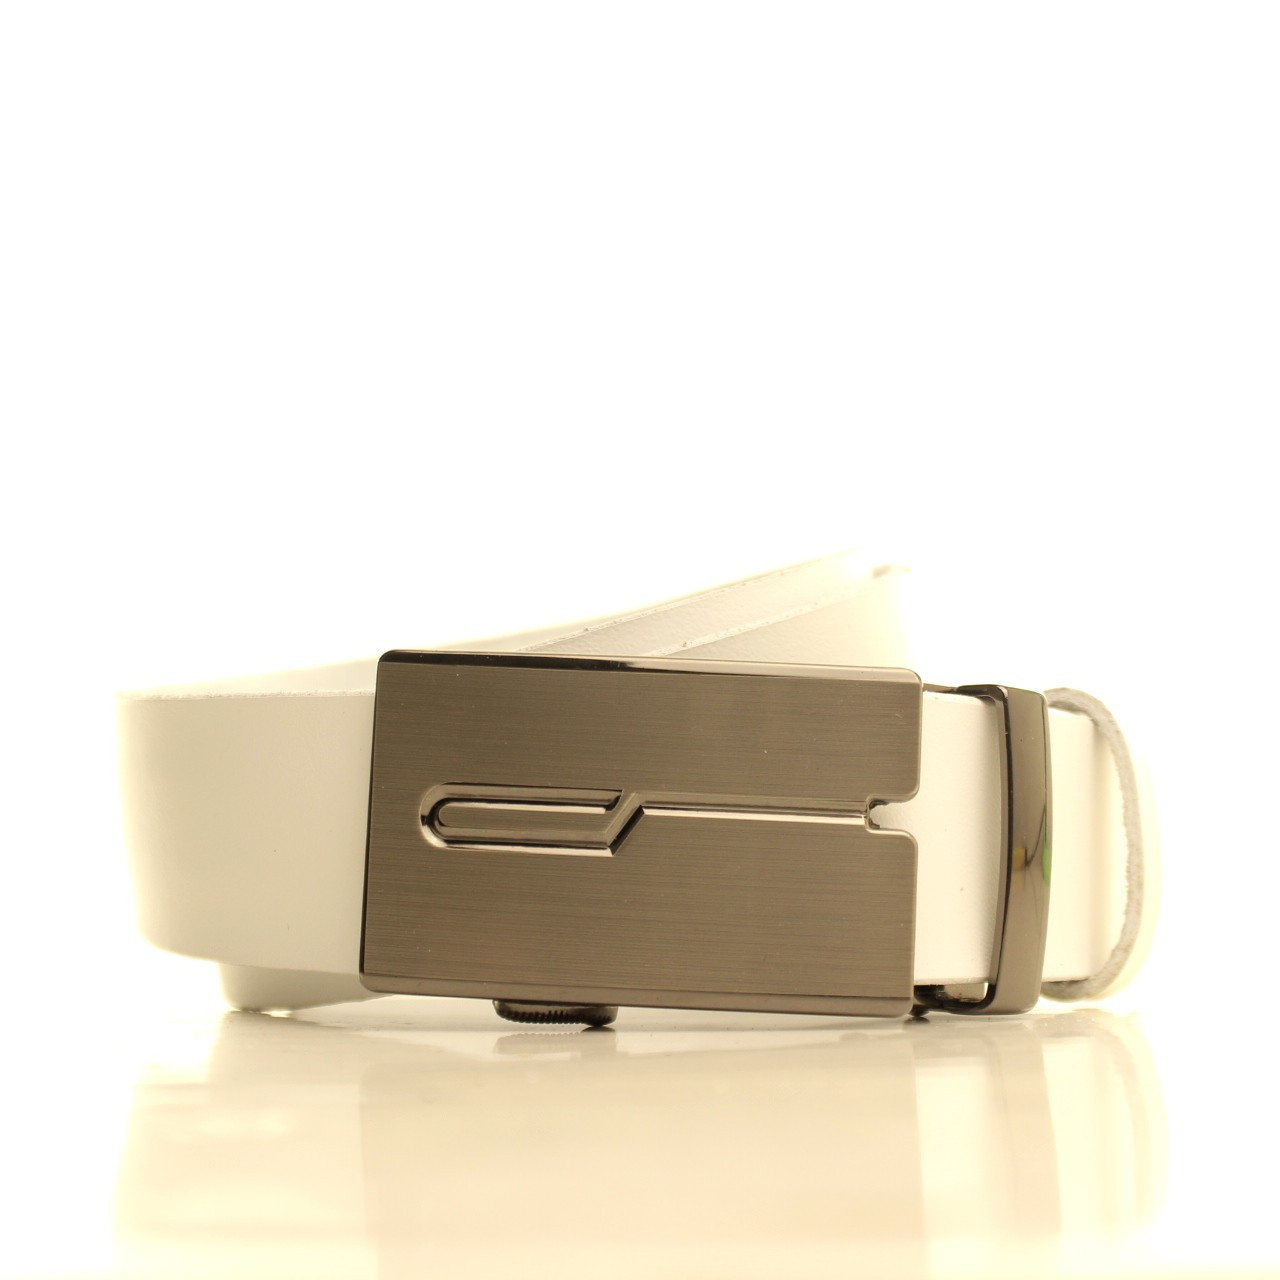 Ремень кожаный Lazar 120-125 см белый l35u1a123